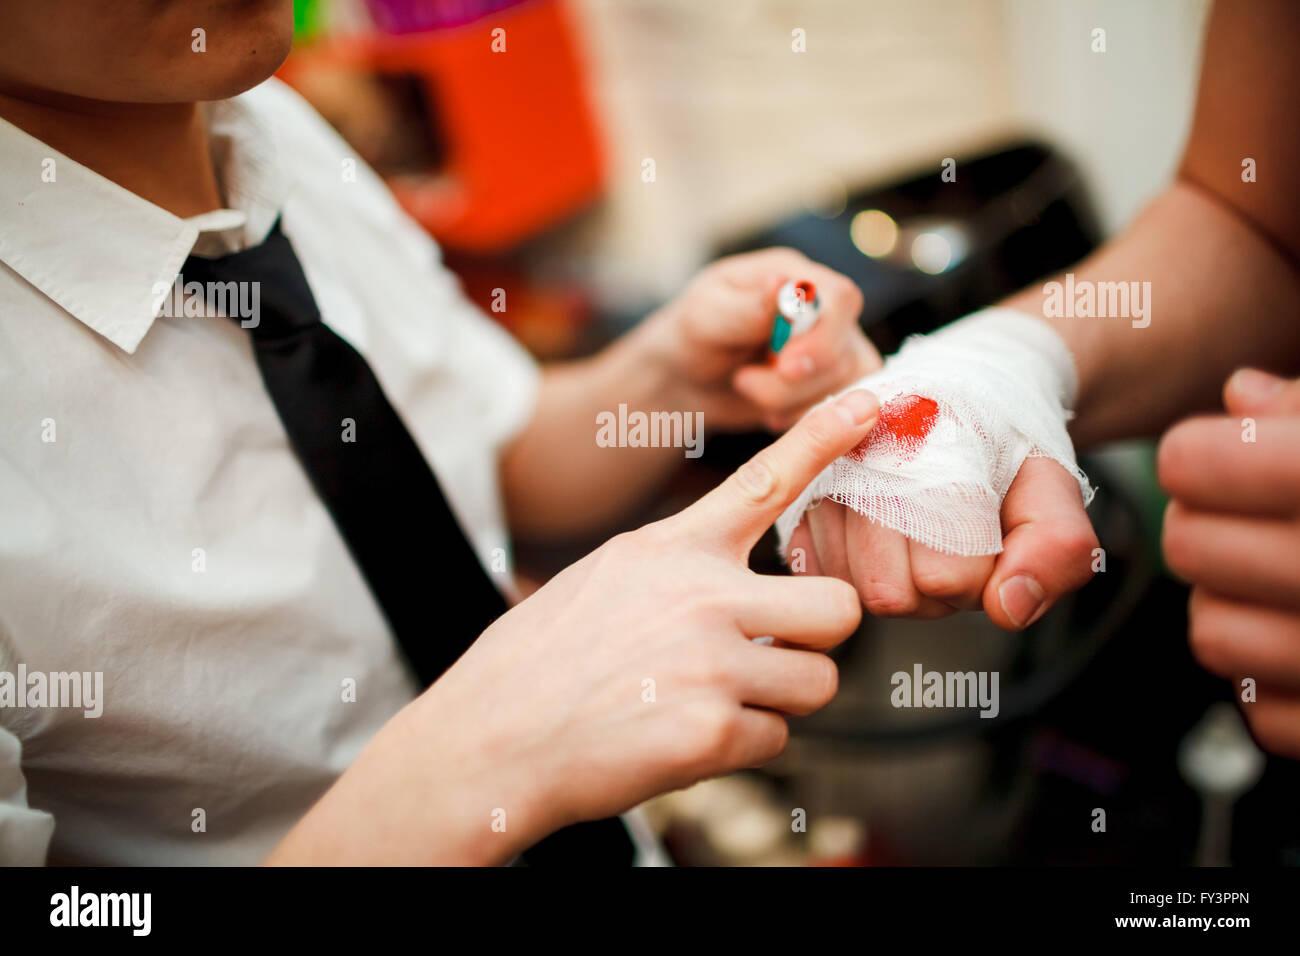 Mann legt Schminke auf seine Fäuste Bandage, Kampfclub. Stockbild